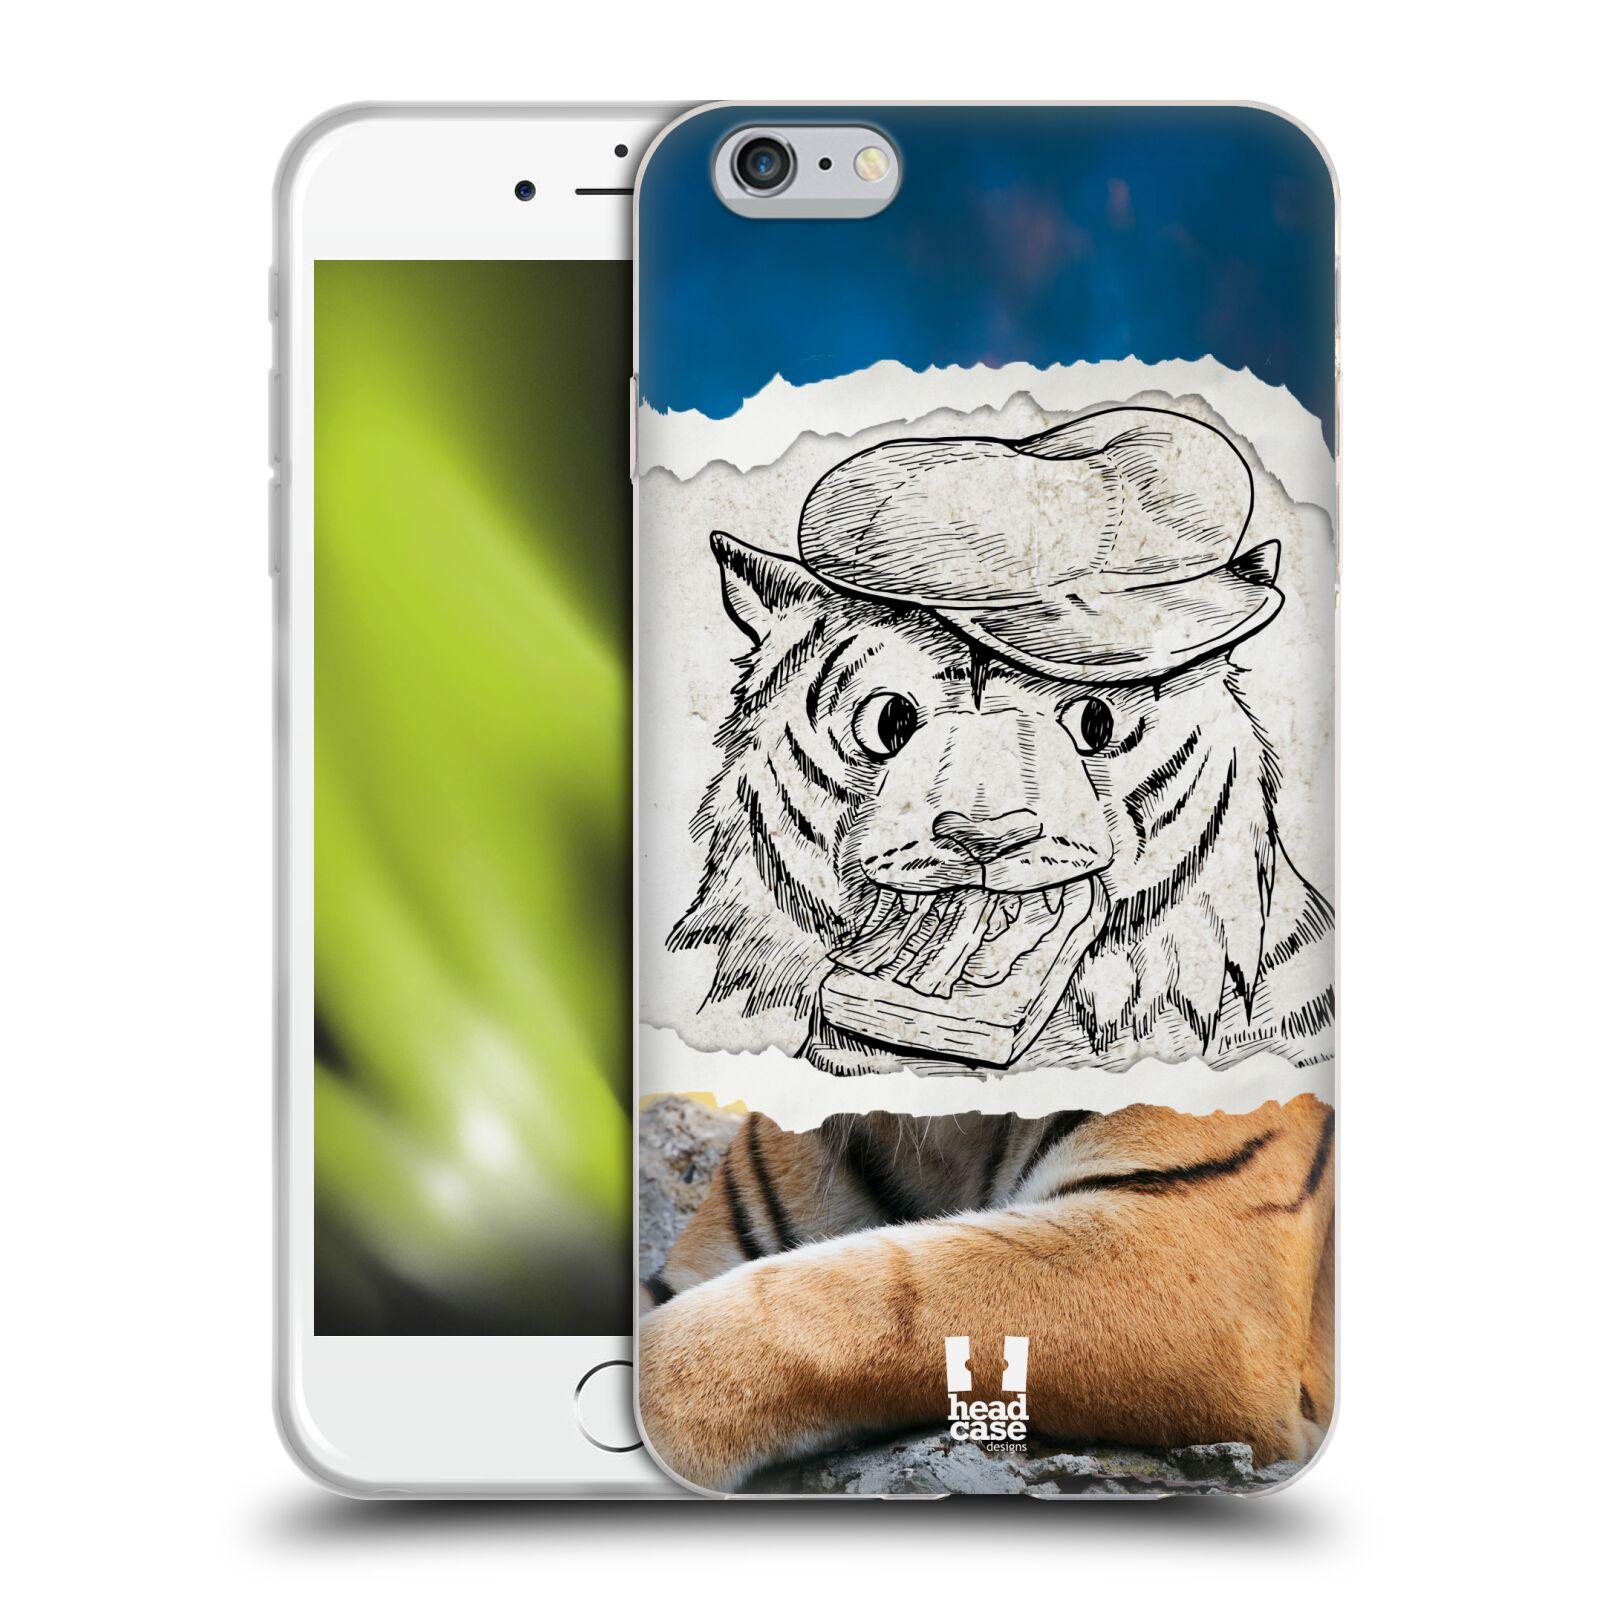 HEAD CASE silikonový obal na mobil Apple Iphone 6 PLUS/ 6S PLUS vzor zvířata koláž tygr fešák